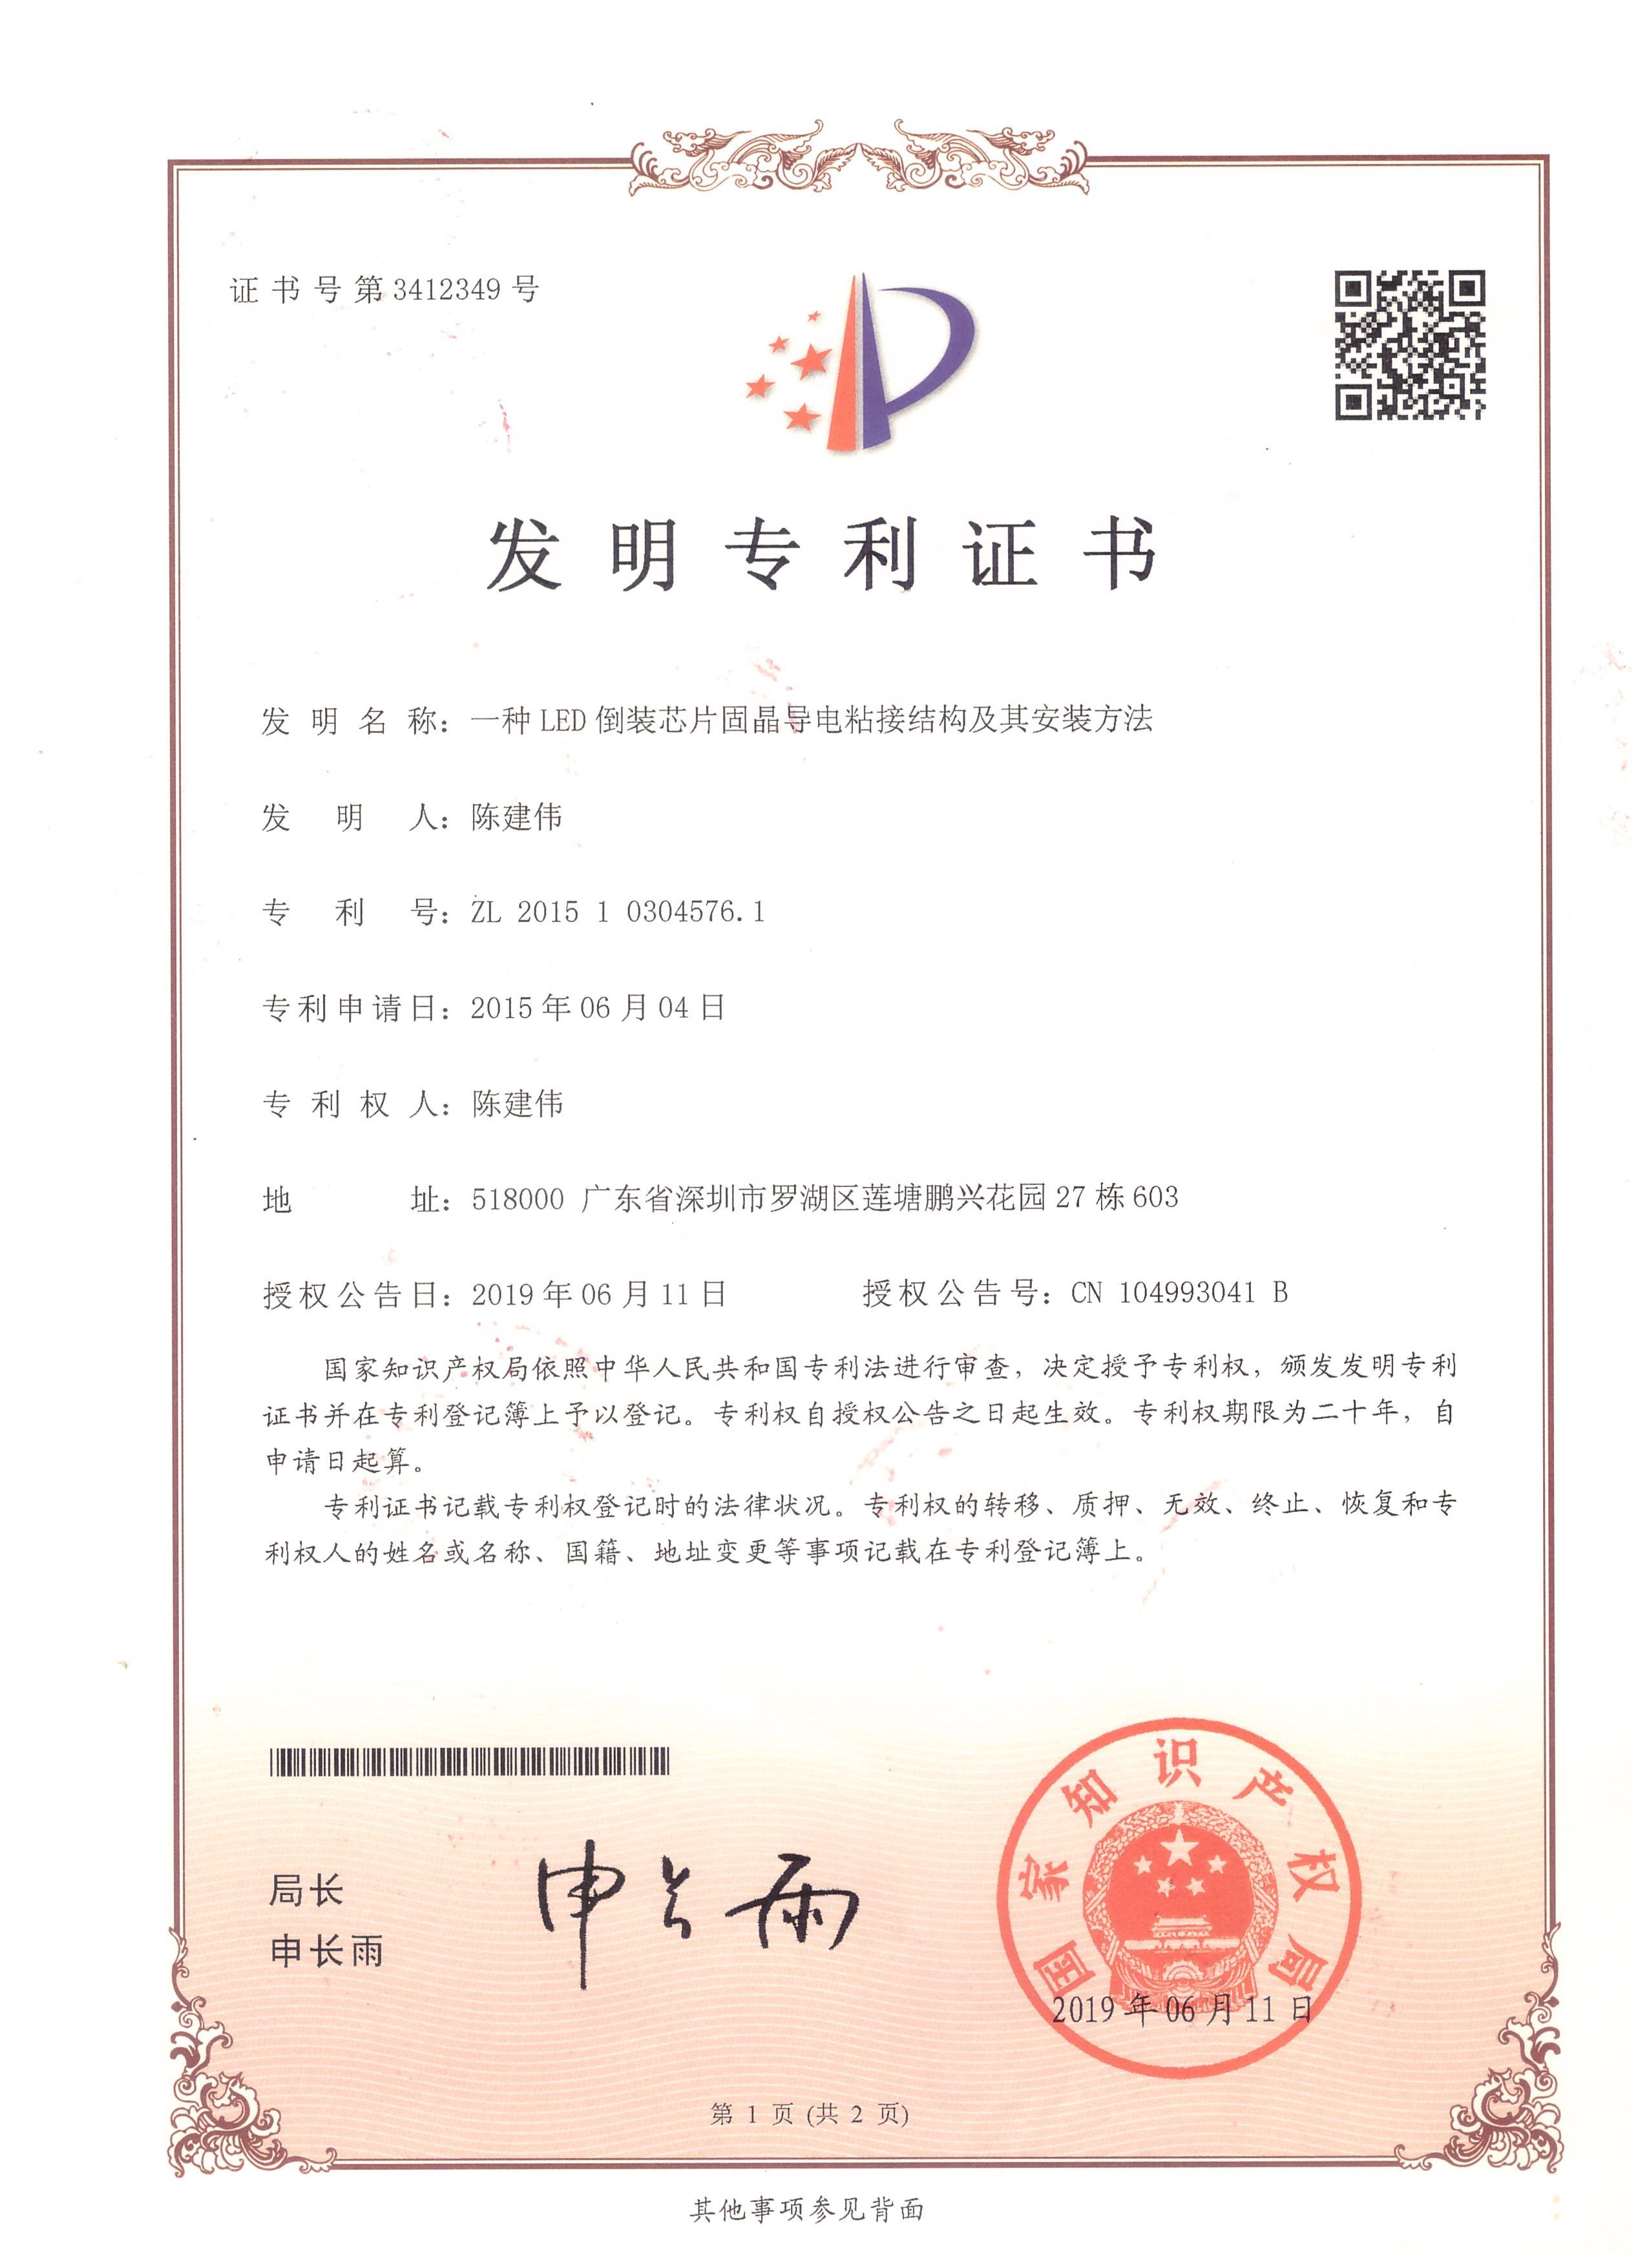 绝缘胶导电技术(专利授权)